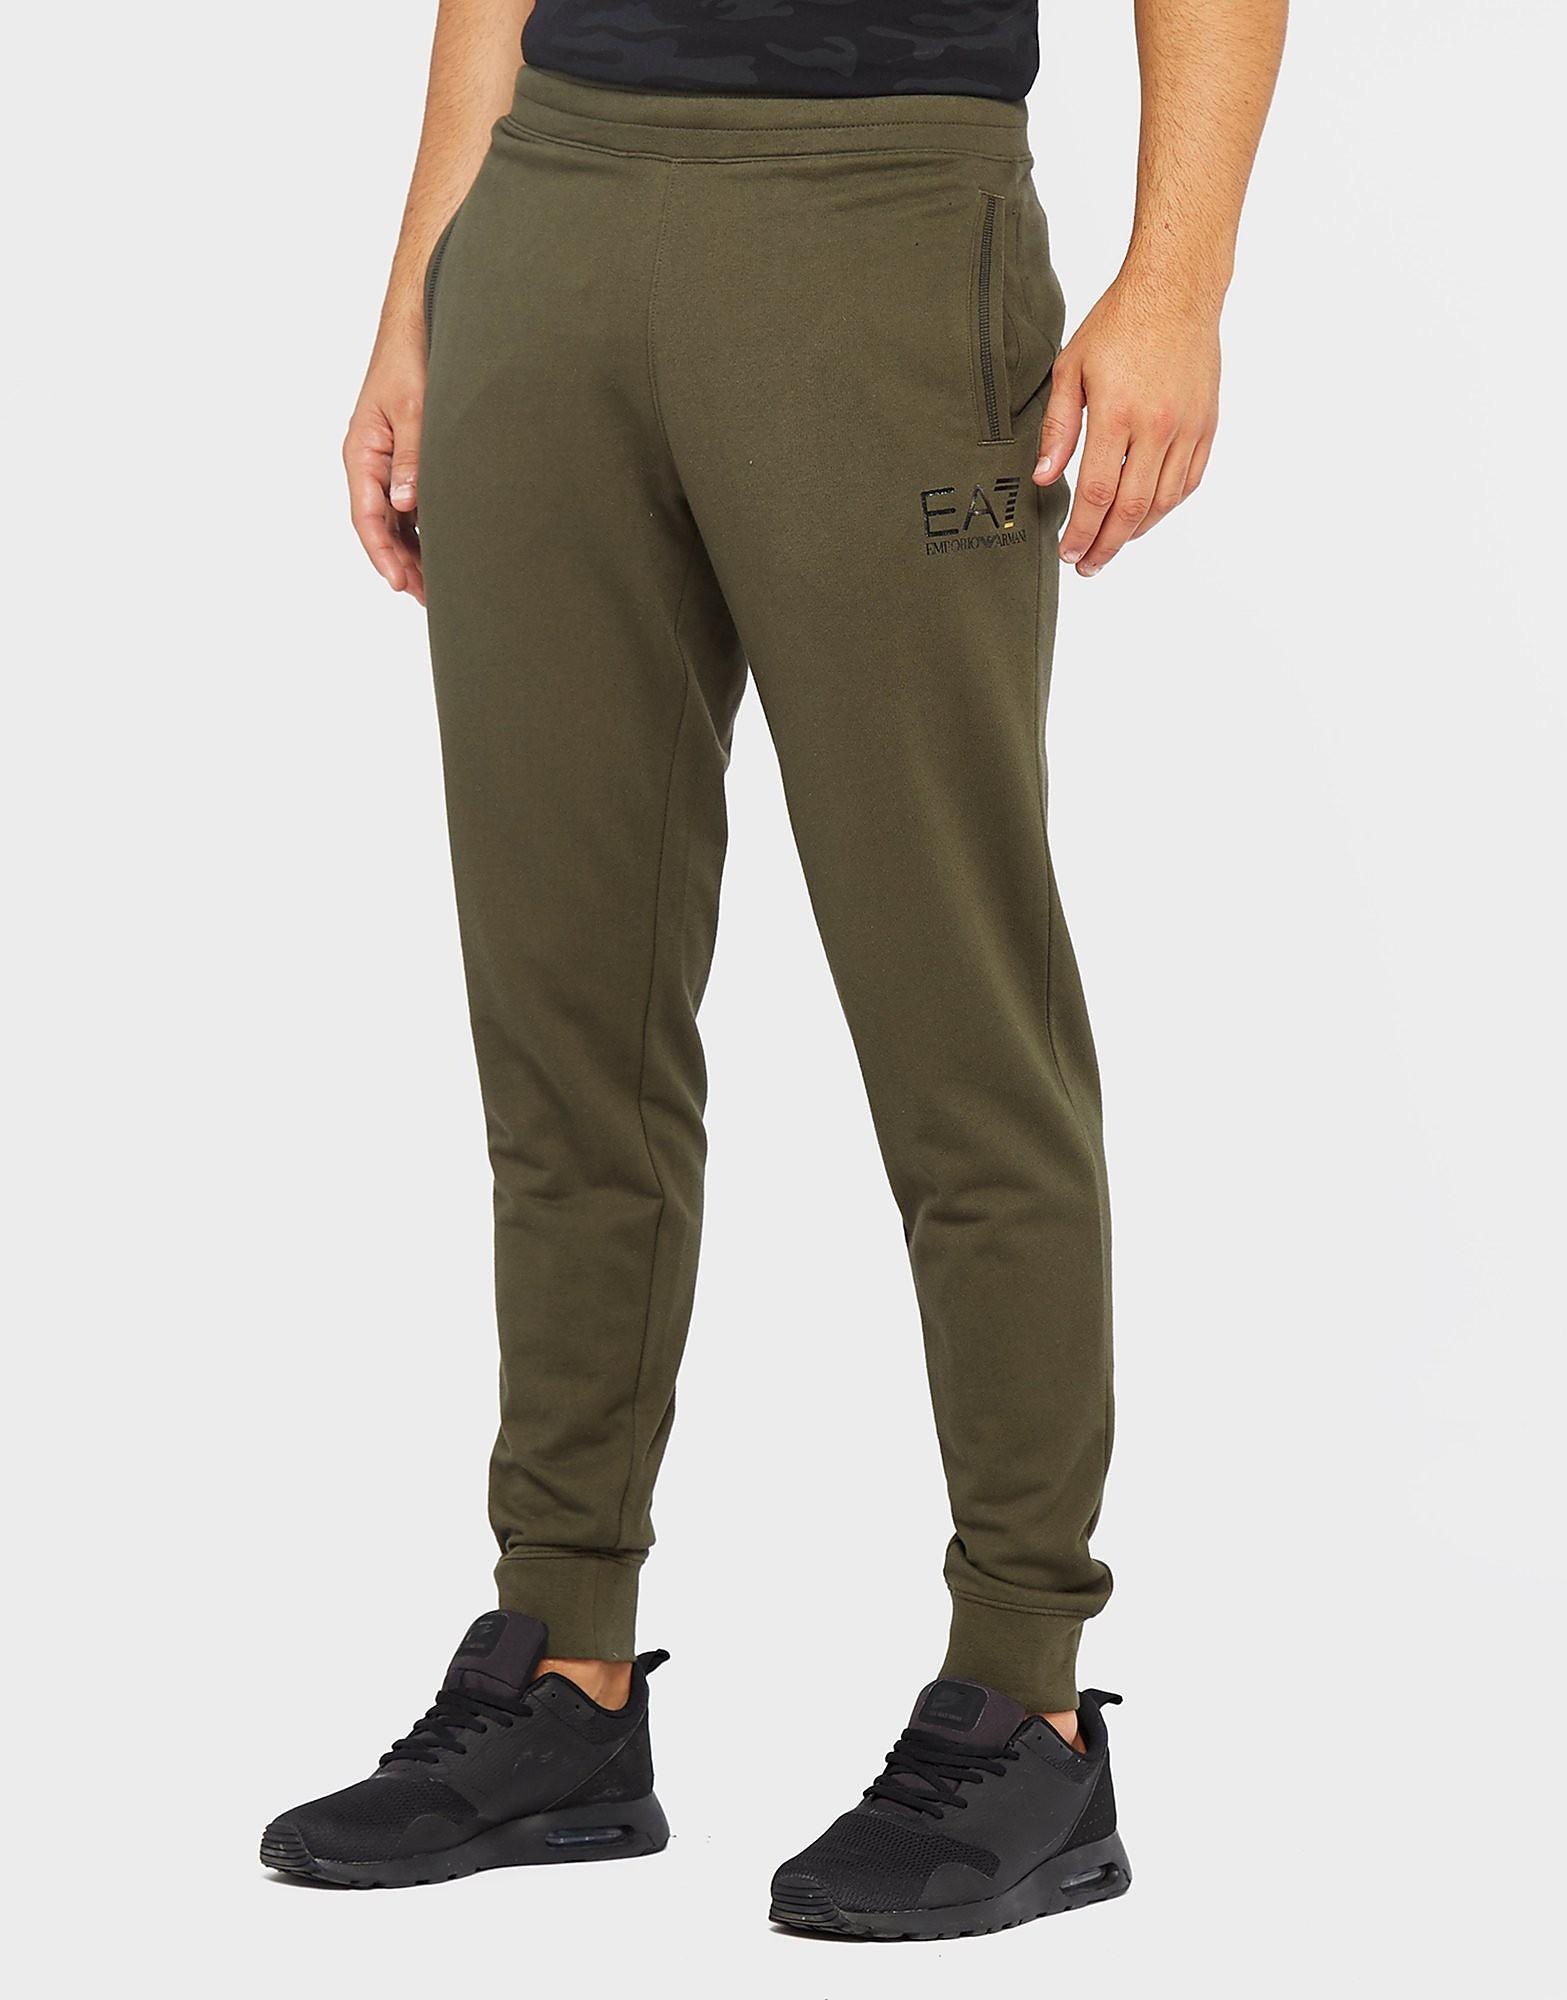 Emporio Armani EA7 Core Cuff Pants